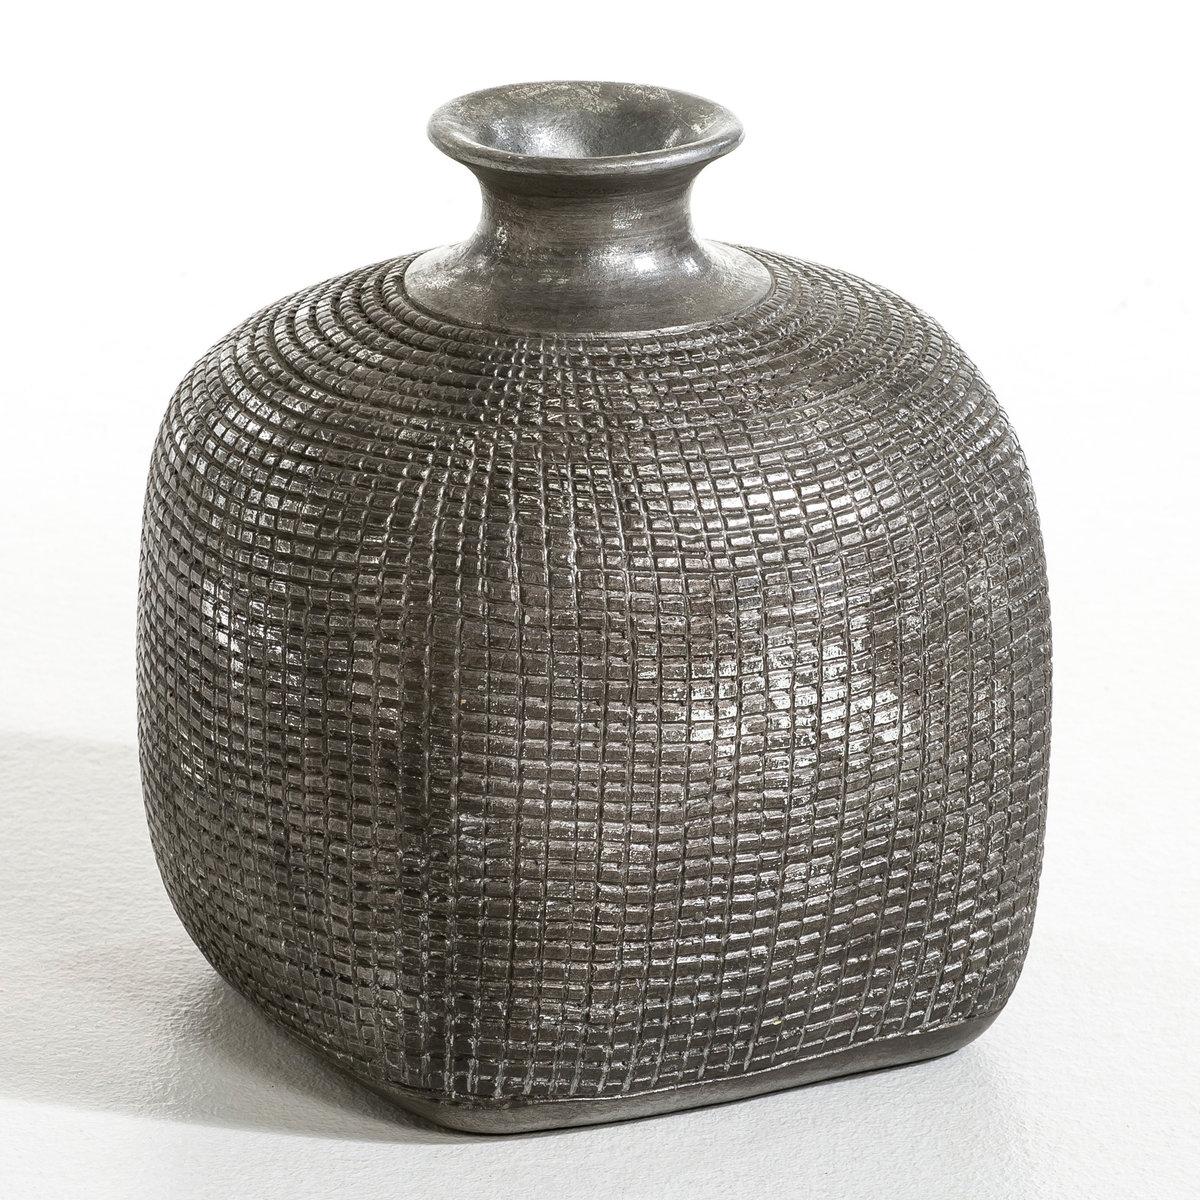 Ваза-скульптура терракотовая KenzaШикарный этнический стиль, великолепная ваза-скульптура, ручная работа. Терракотовая ваза, покрыта серебристой краской с эффектом старения. Размеры : Дл..22 см x Шир..22 см x Выс..25 см.<br><br>Цвет: черный<br>Размер: единый размер